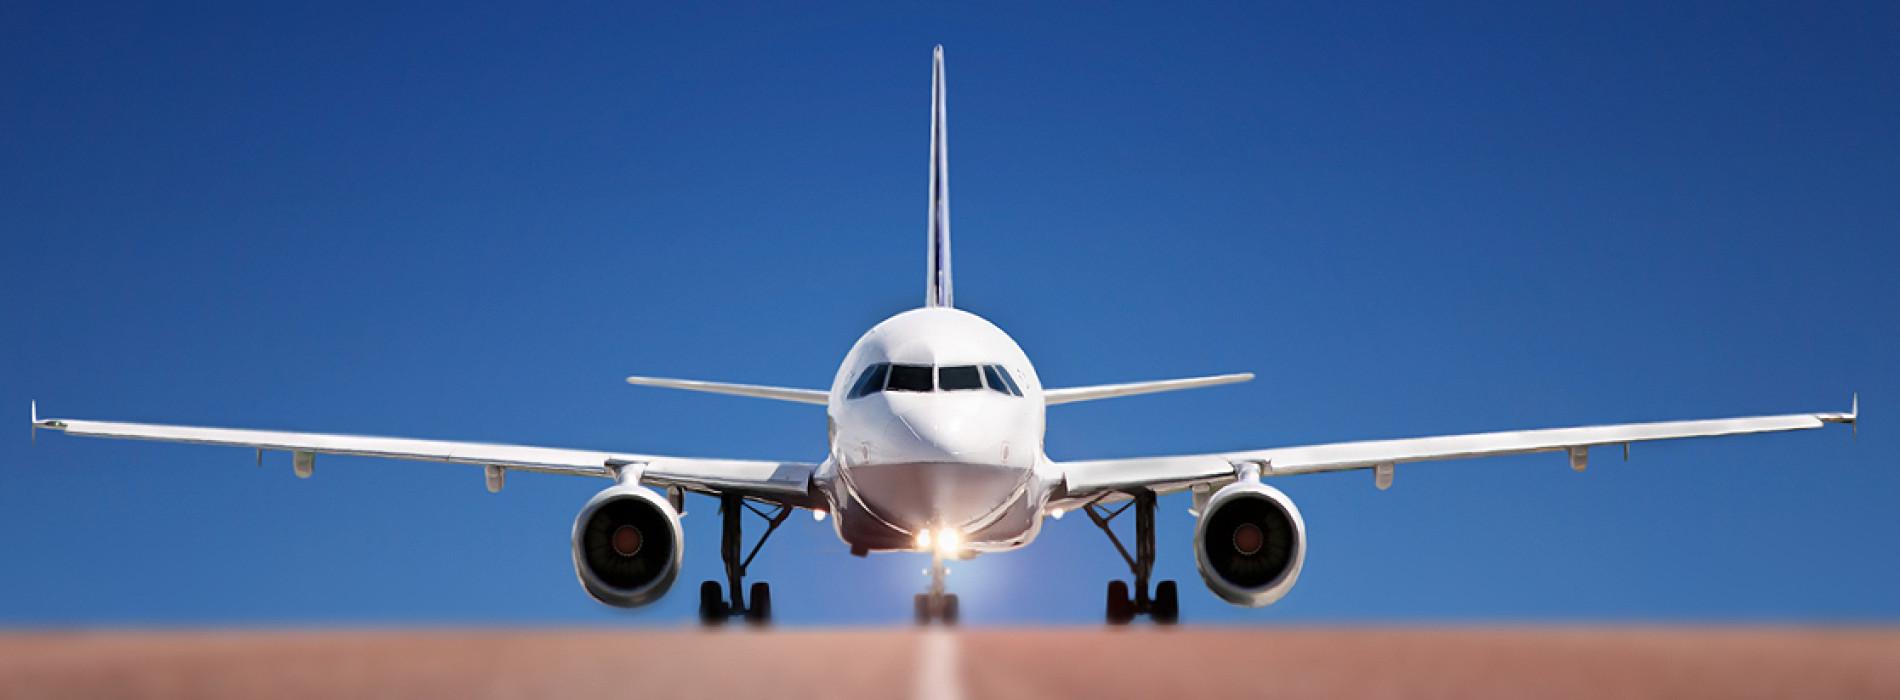 Uçakla